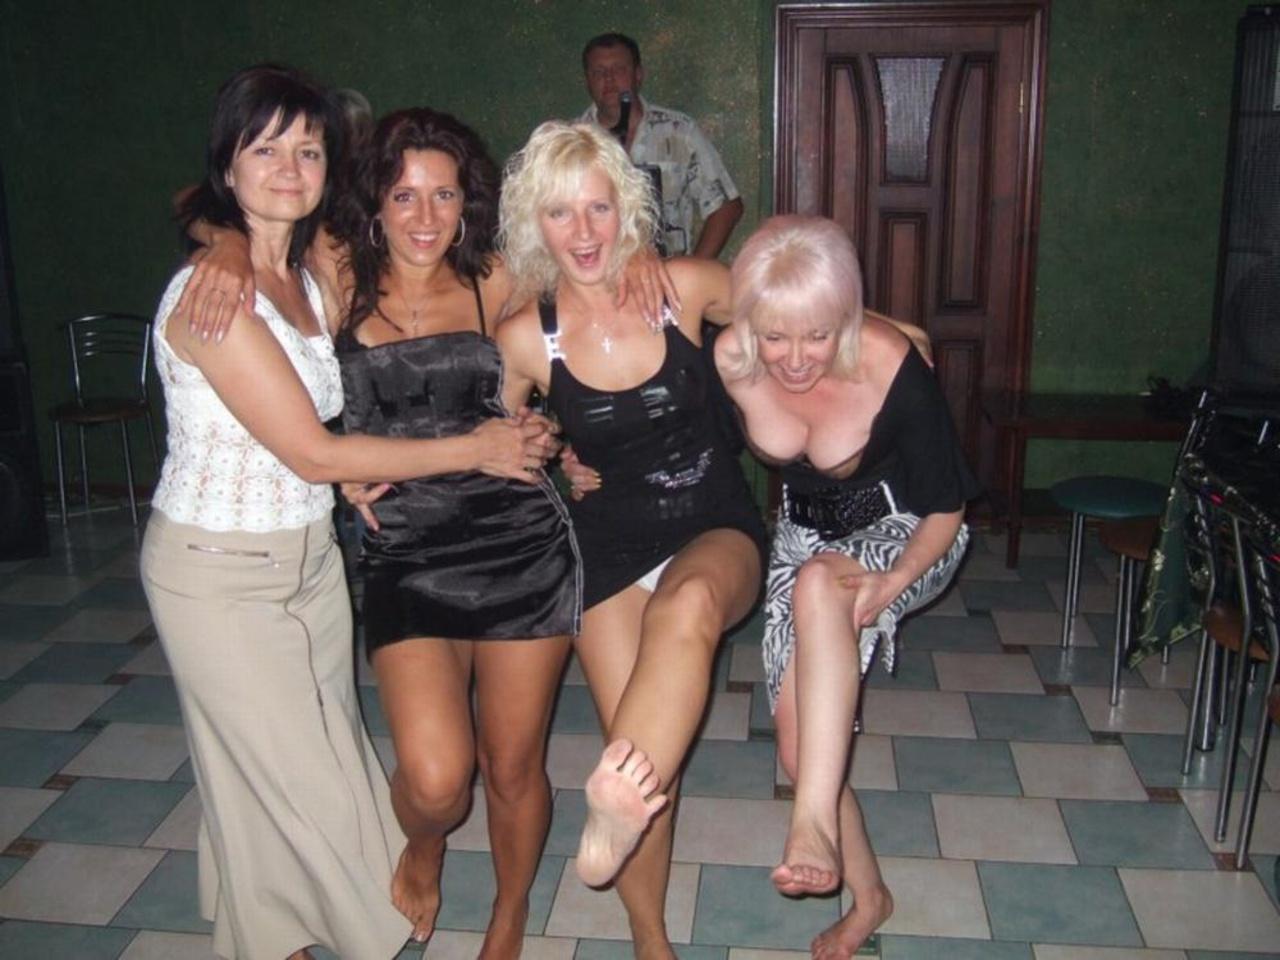 Фото под юбкой у подружек, Под юбкой у девушек -фото. Письки и трусики под 8 фотография